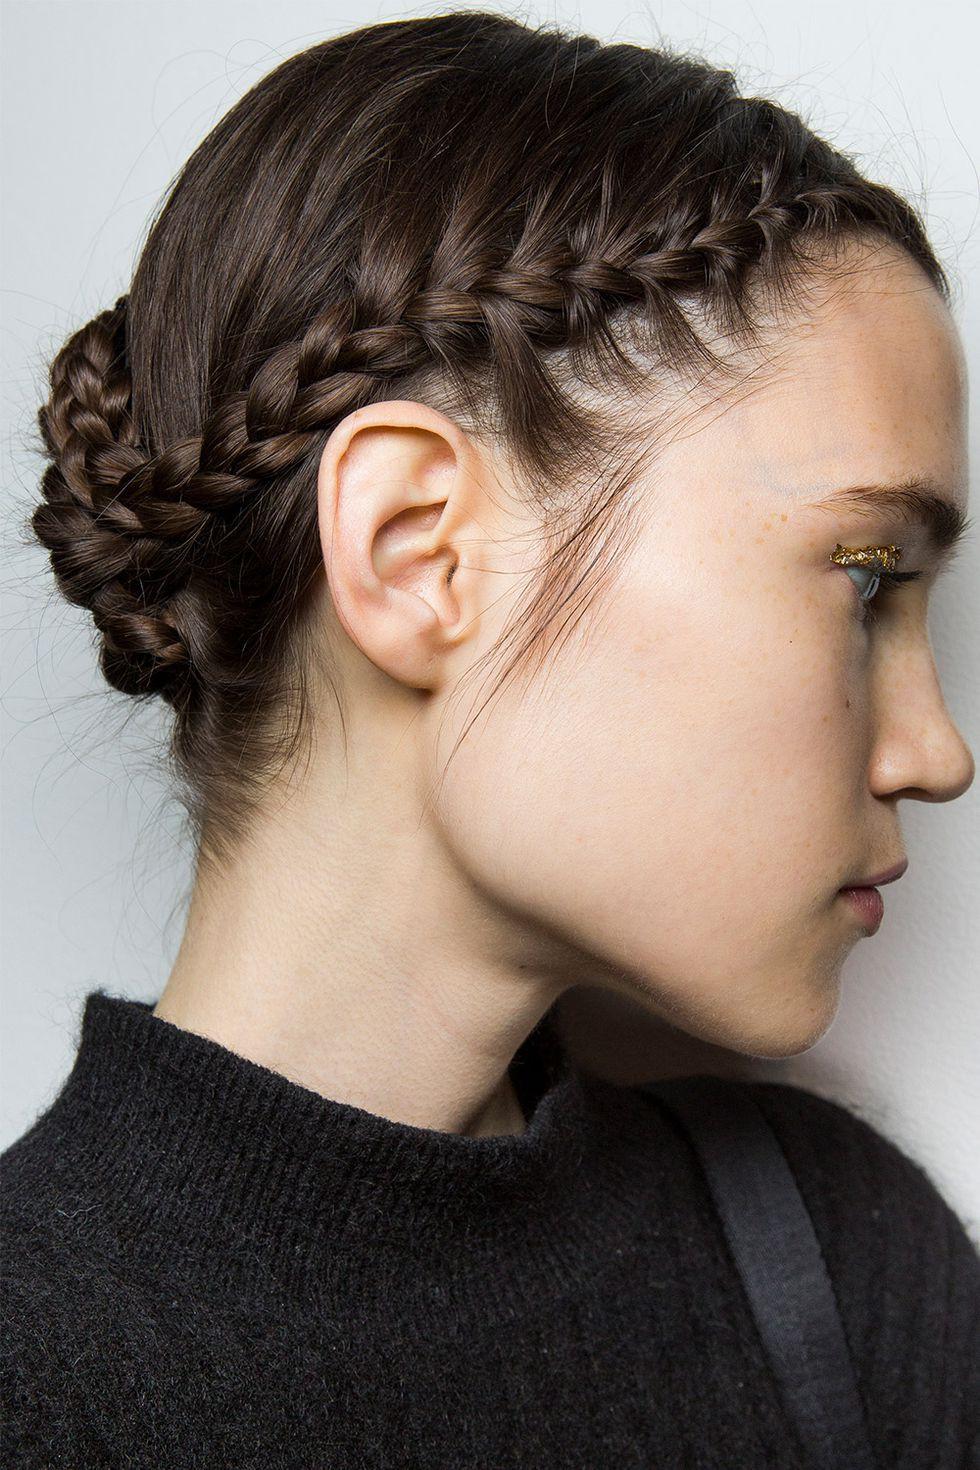 5 cách tạo kiểu tóc siêu xinh được dự đoán là hot nhất năm 2018 mà bạn phải thử diện ít nhất một lần - Ảnh 13.